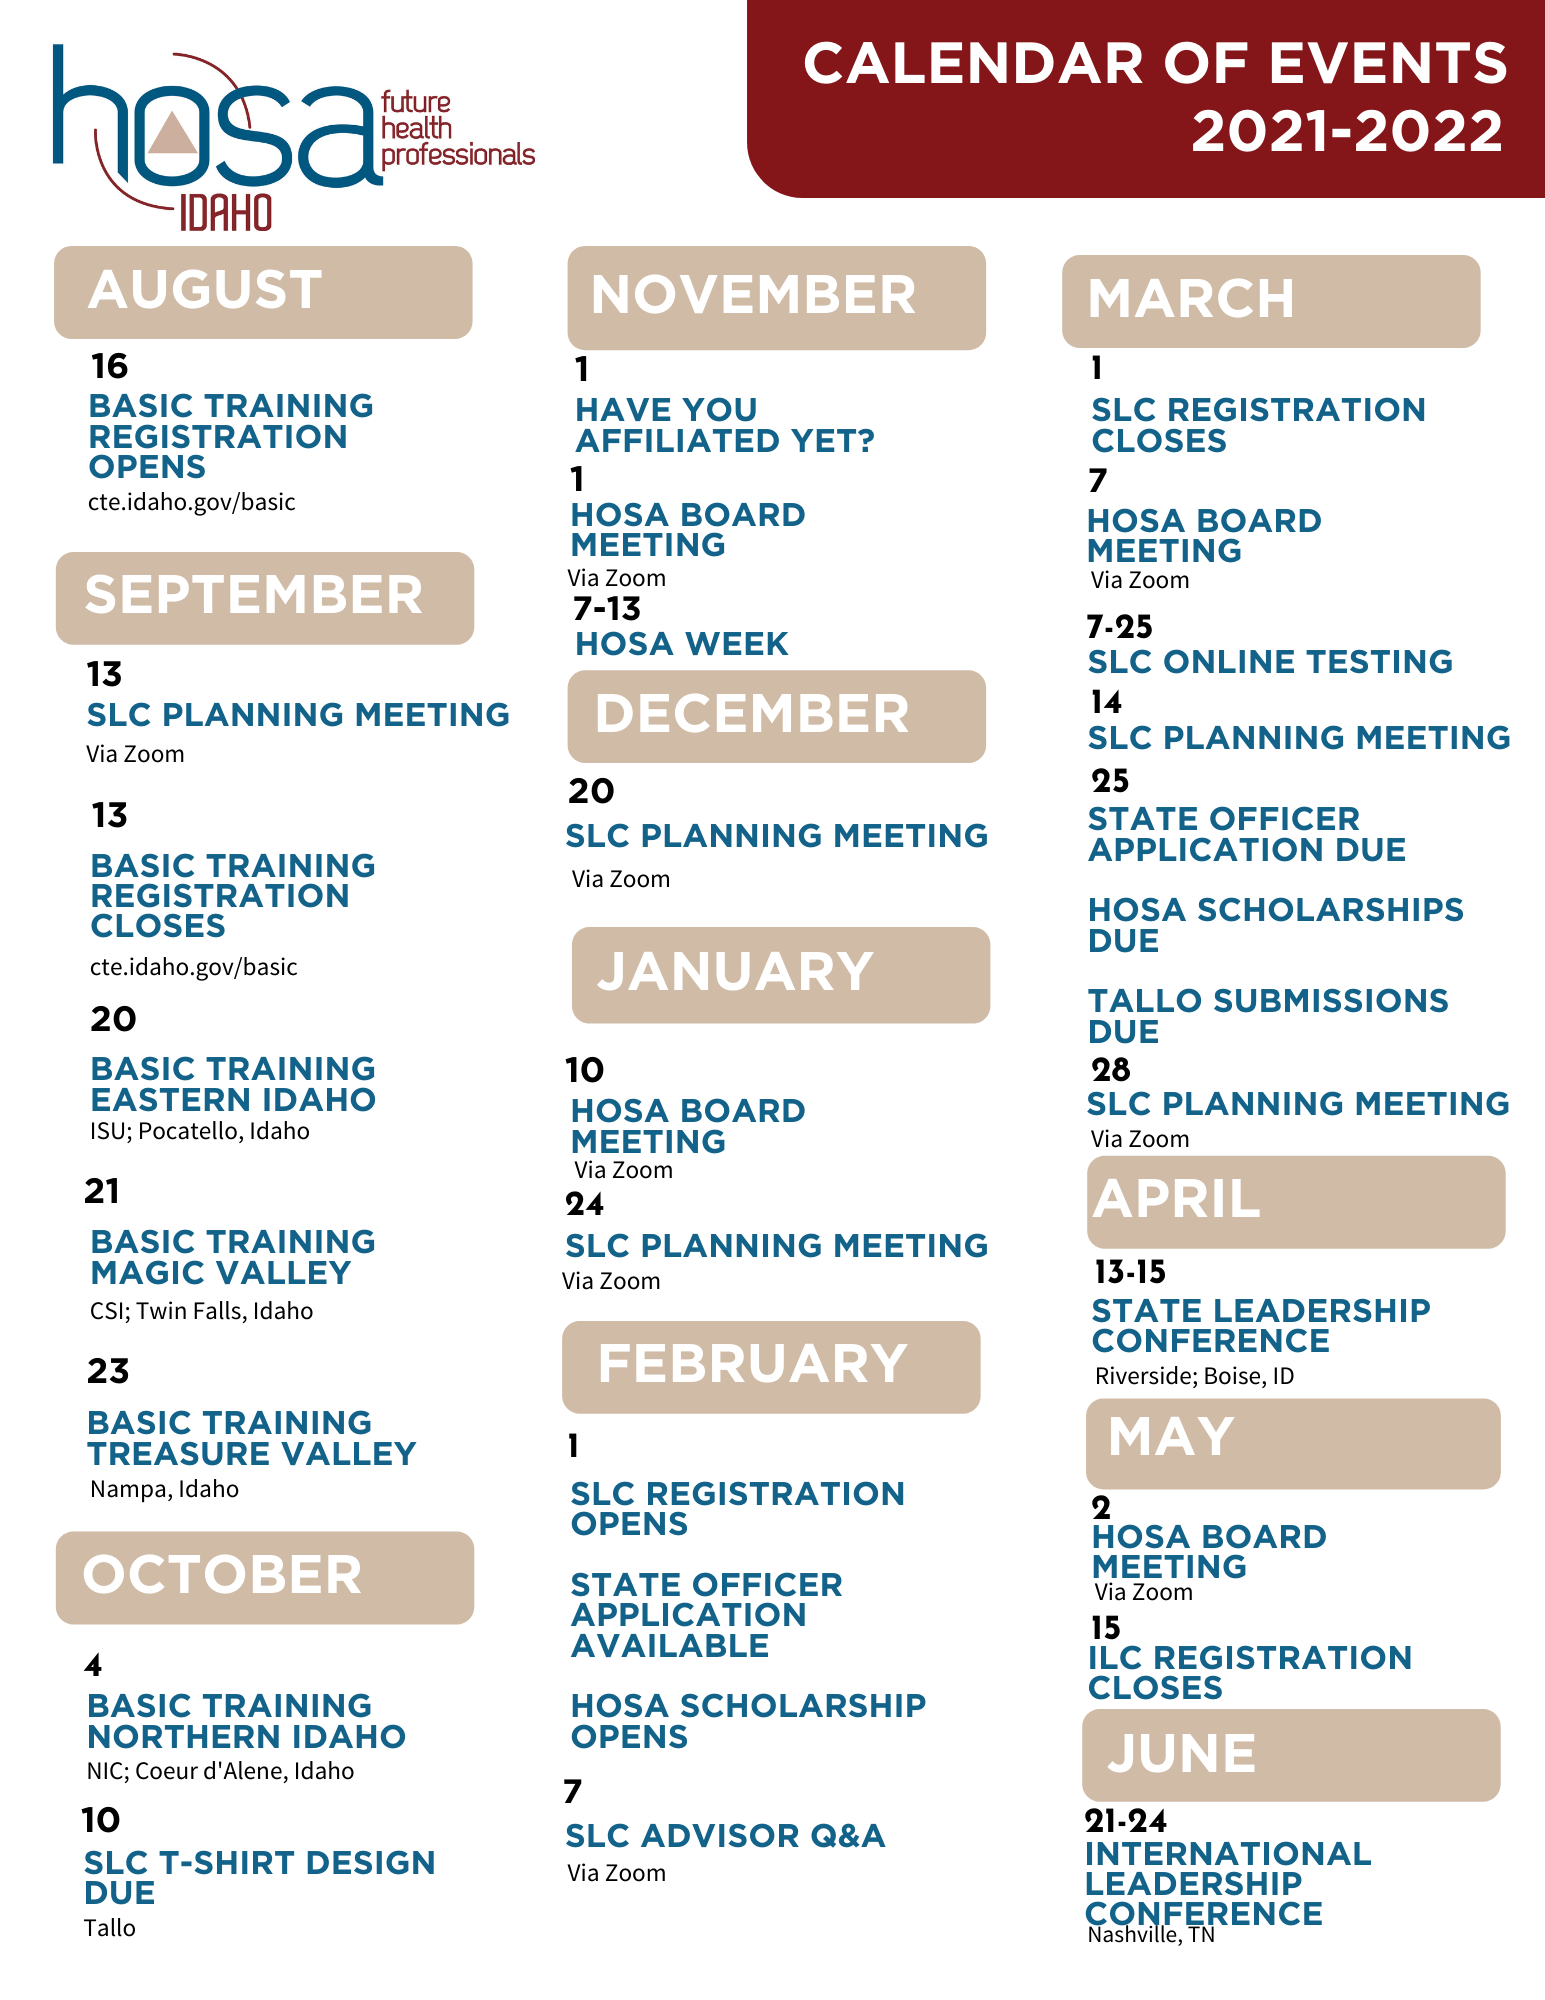 HOSA Calendar of Events 2021-22